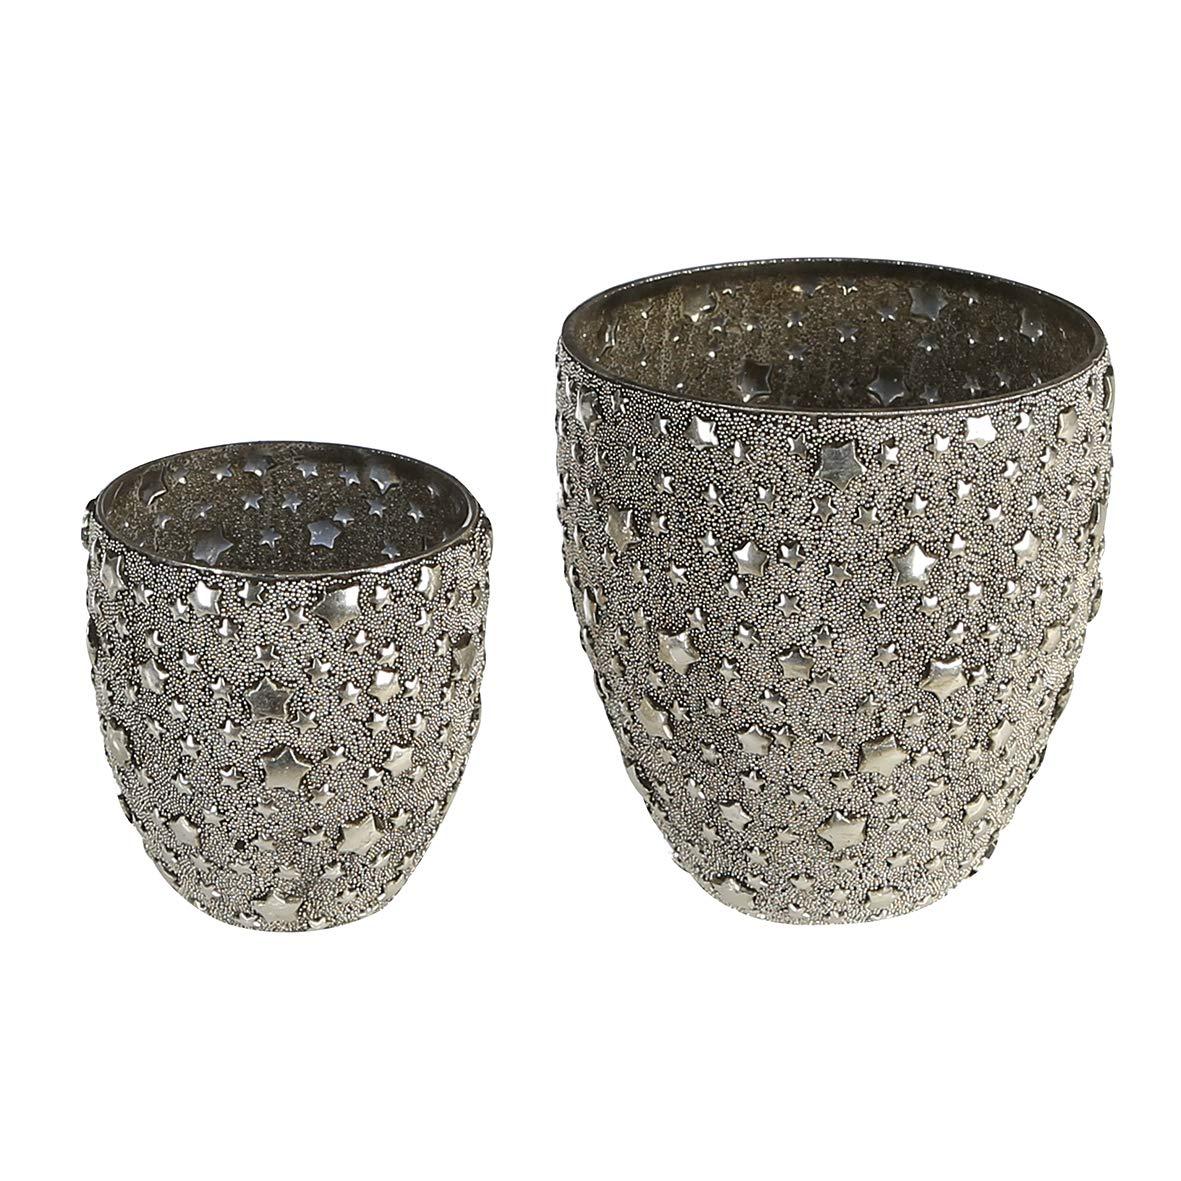 Casablanca Windlicht - Sparkle - Glas, Champagner Höhe 13, 5cm - Glas,mit Sterndekor u. Perlendekor